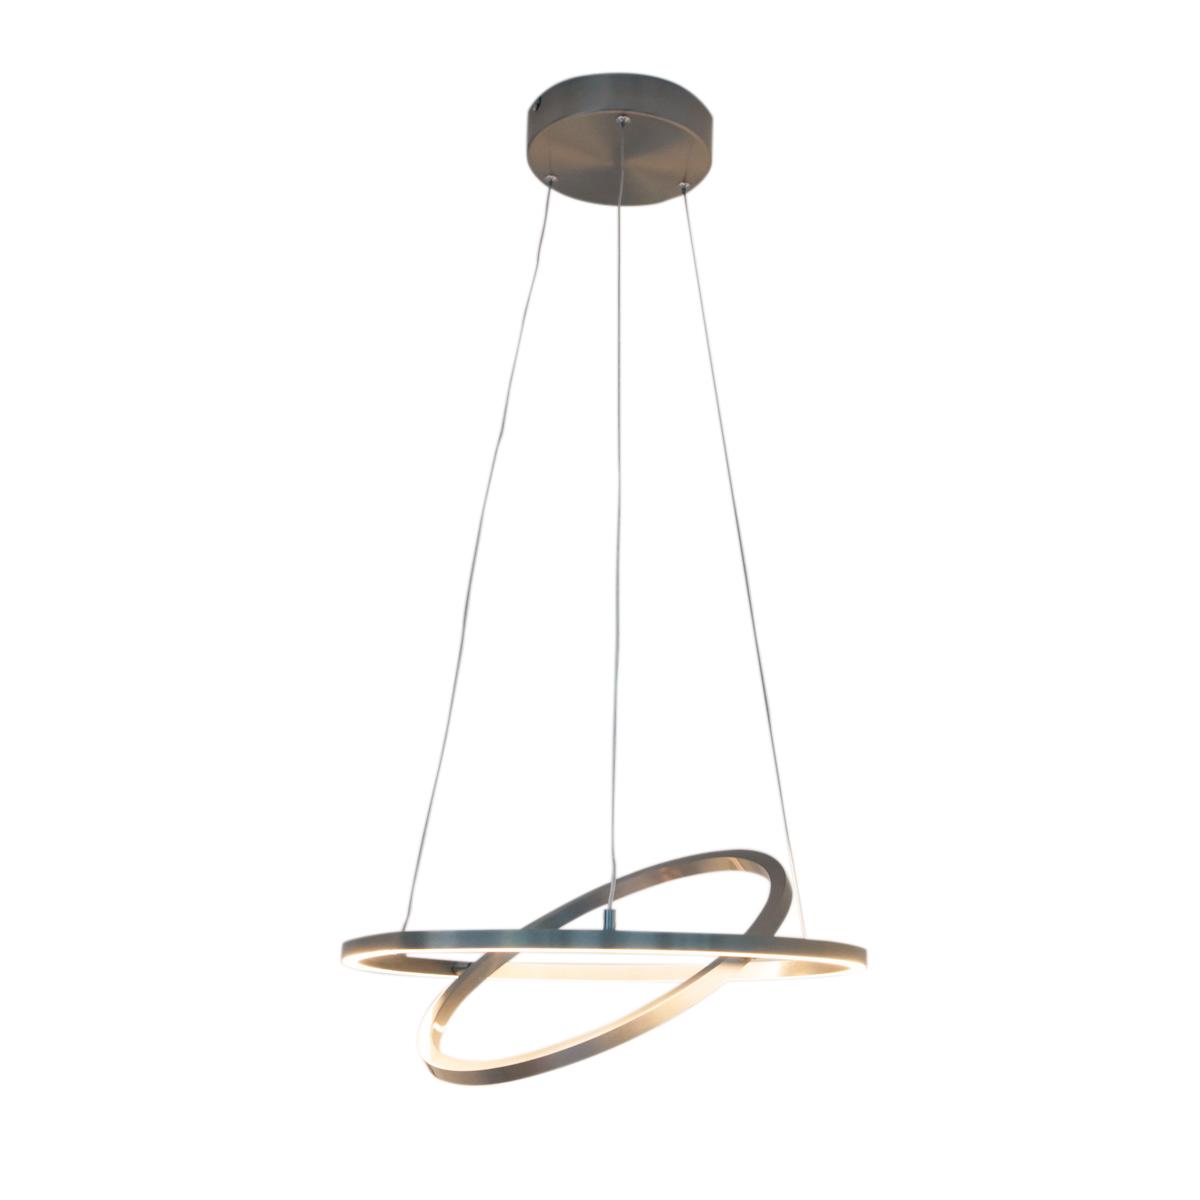 Moderne hanglamp aluminium 2-lichts incl. LED en dimmer - Lovisa